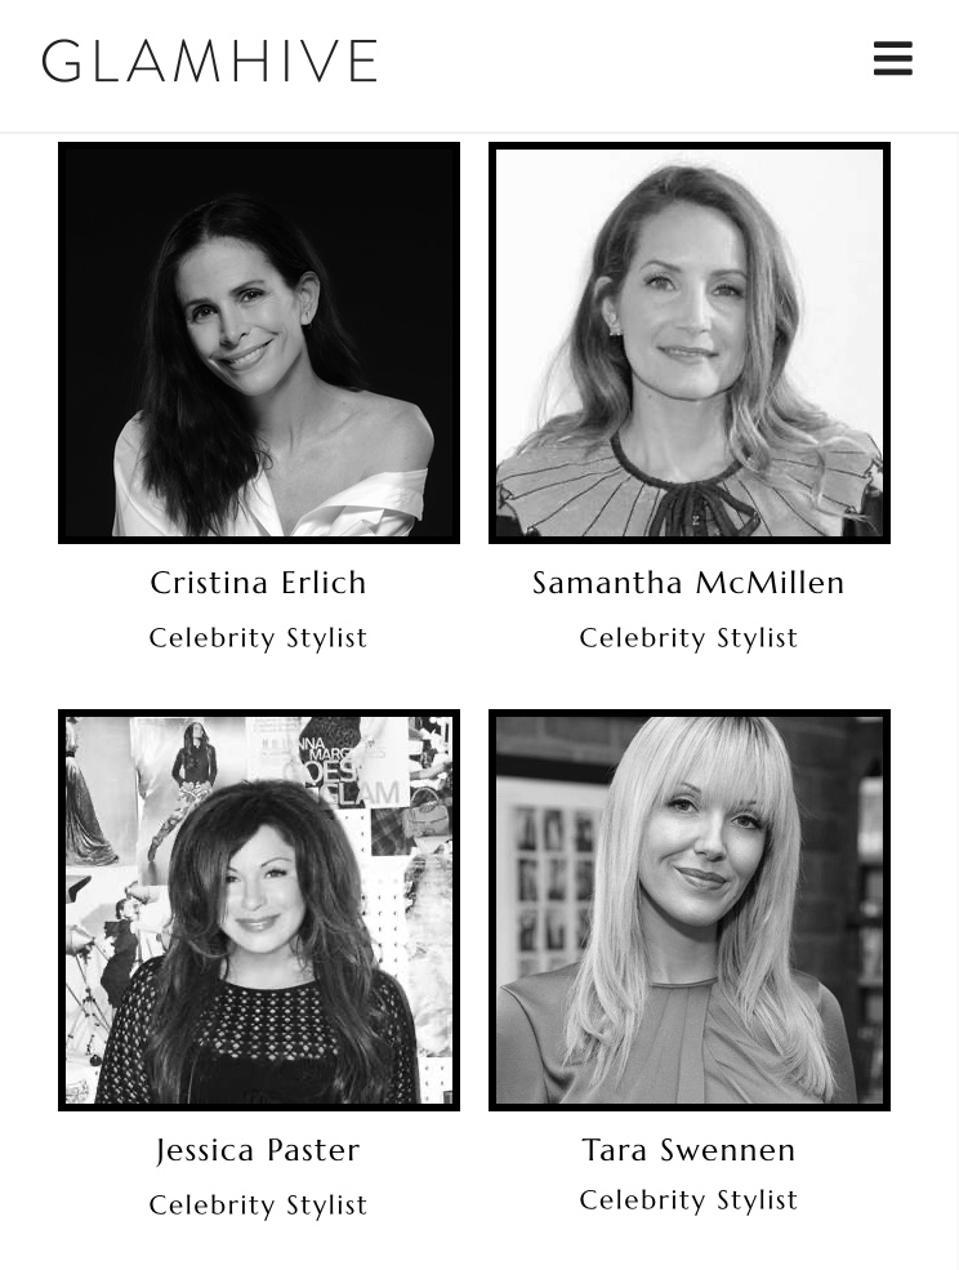 Glamhive Online Fashion Summit Tara Swennen Livia Firth Kristen Stewart